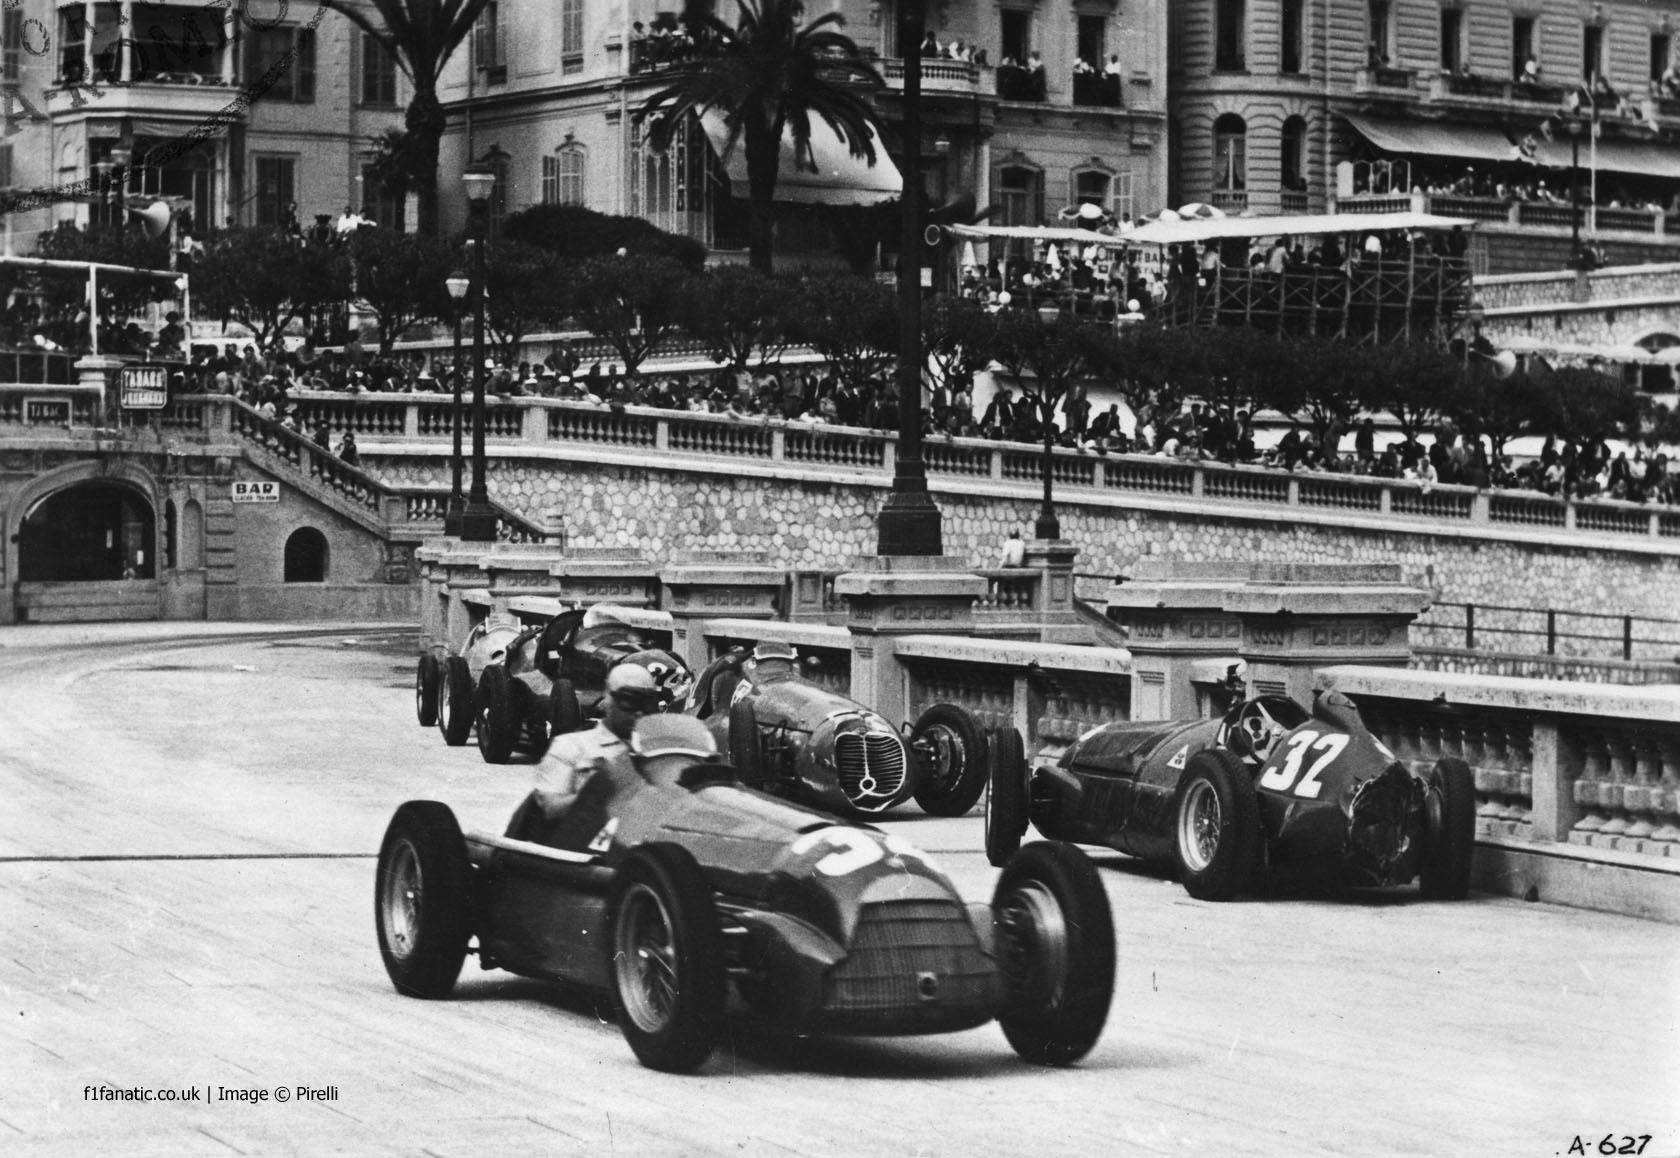 Juan Manuel Fangio, Alfa Romeo, Monte-Carlo, Monaco, 1950